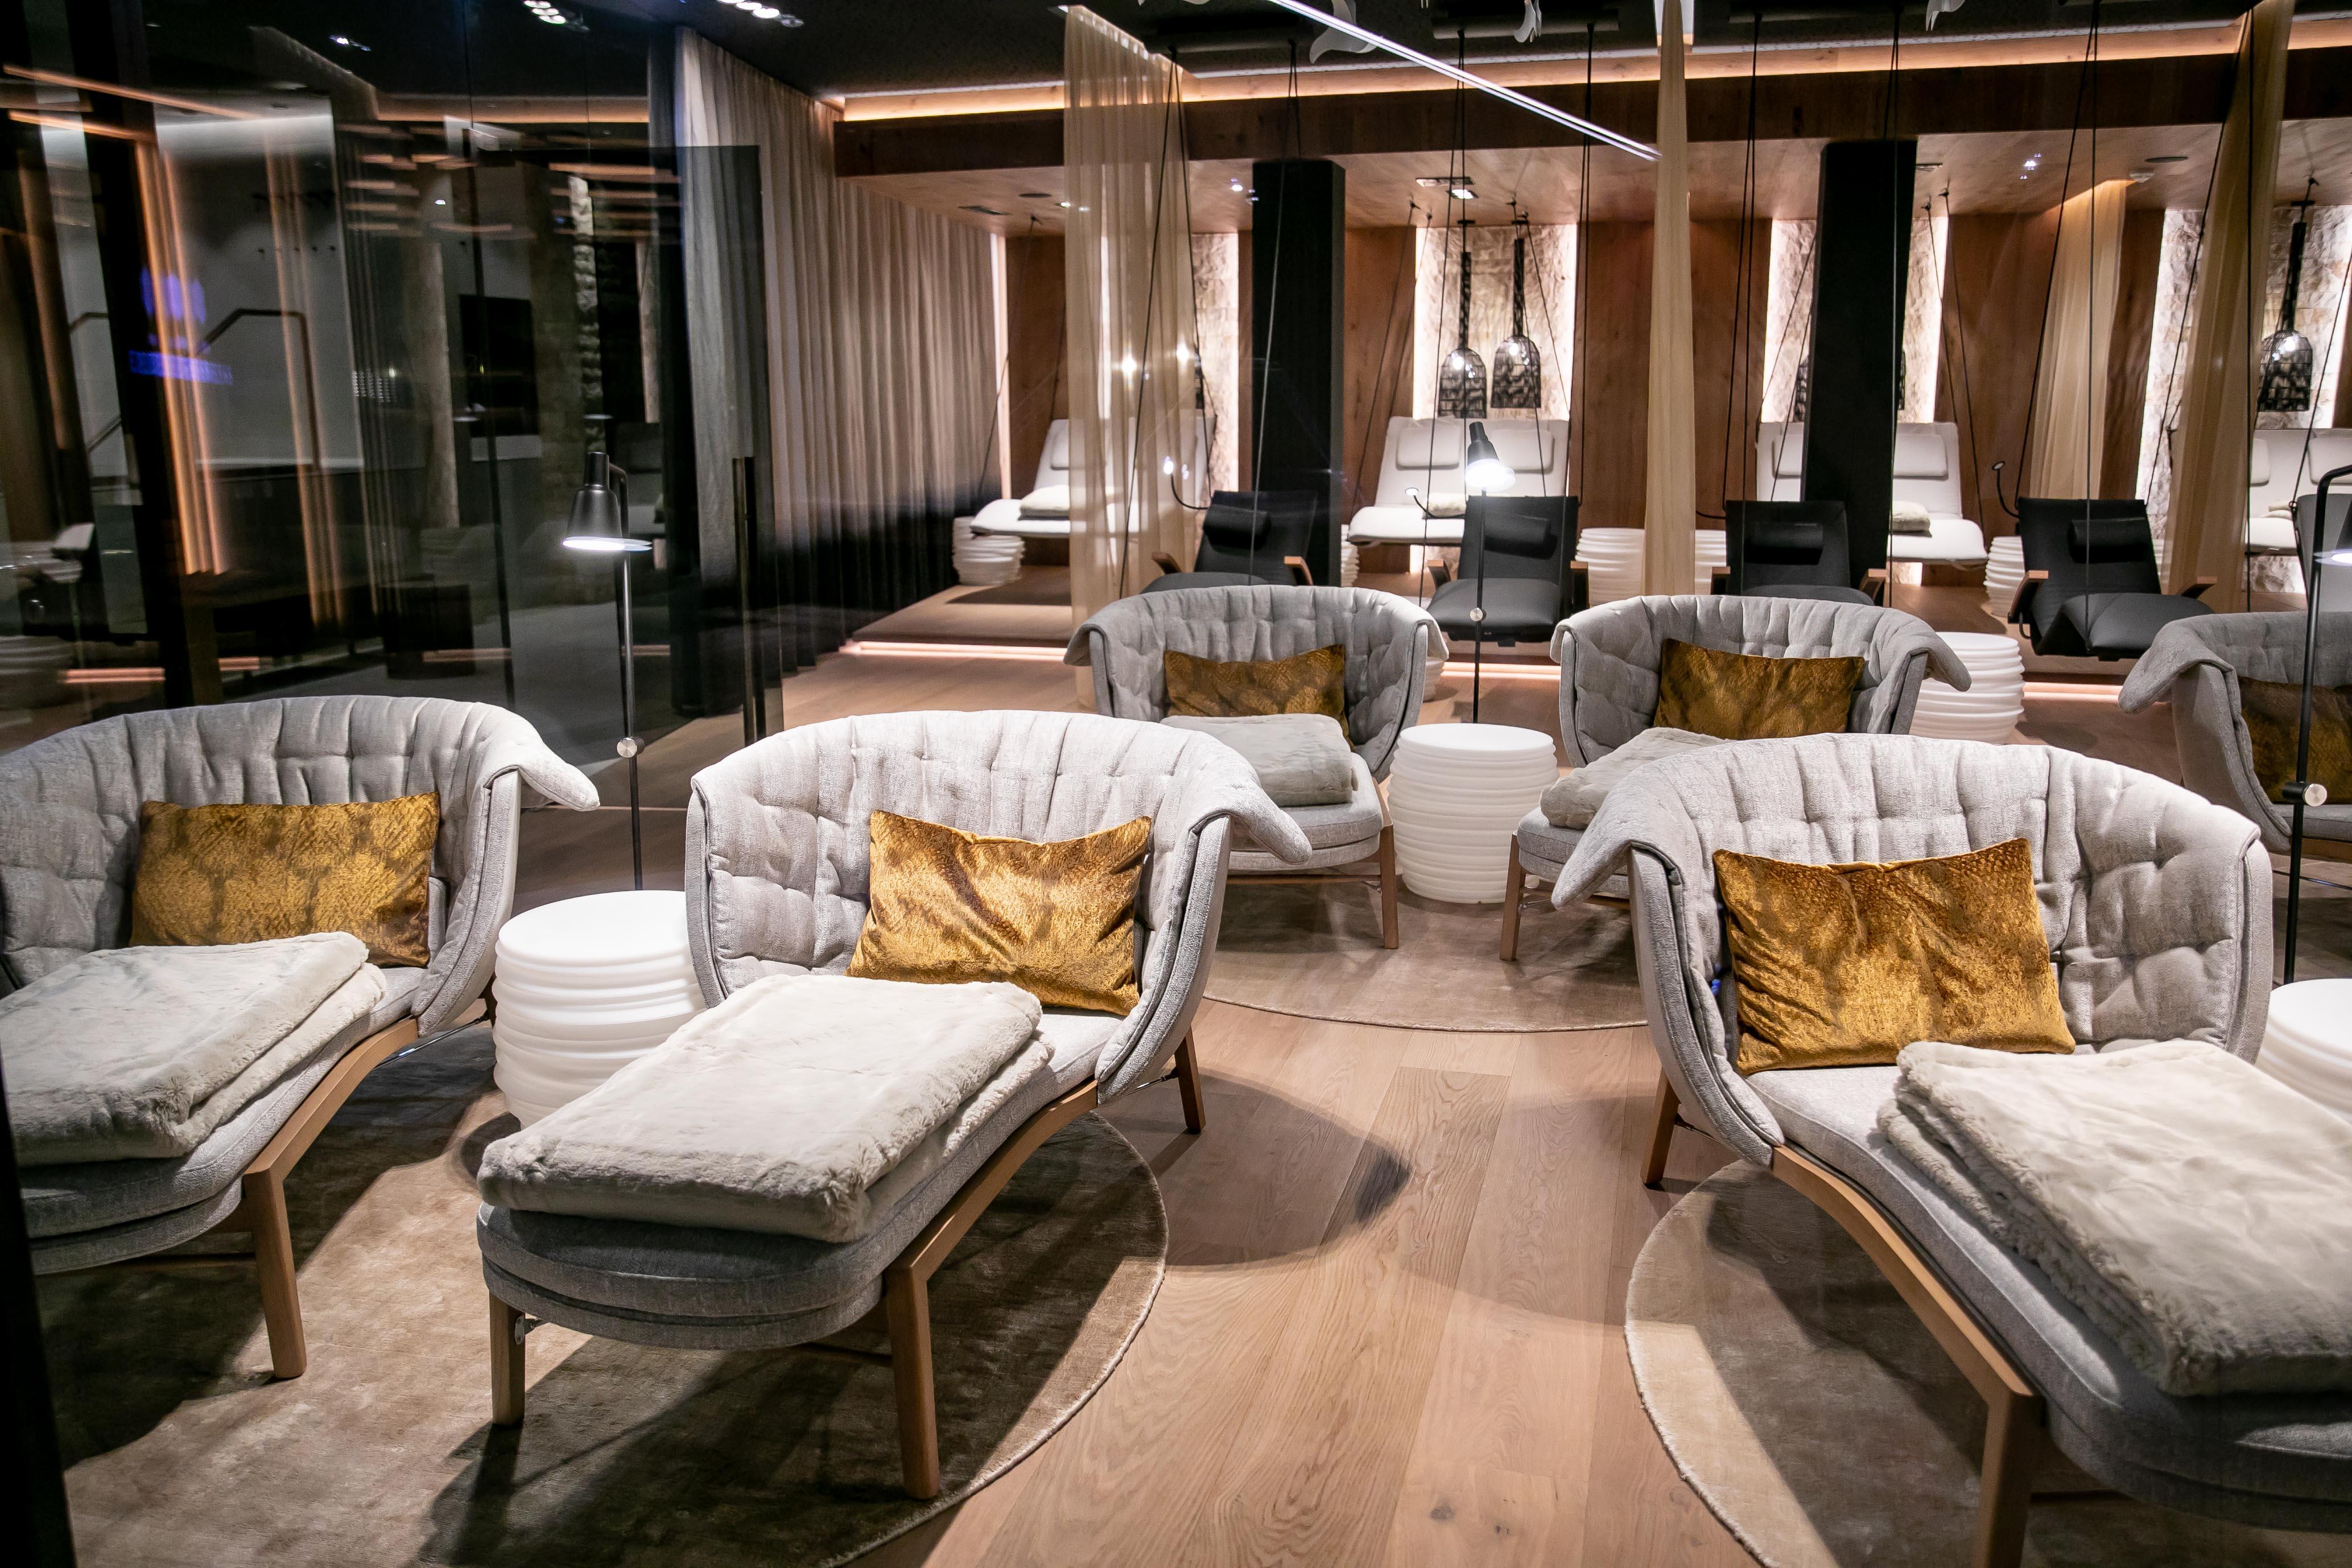 SPA Bereich, Hotel Edelweiss, Eröffnung nach Umbau, Großarl, Salzburg, 20190920, ©www.wildbild.at